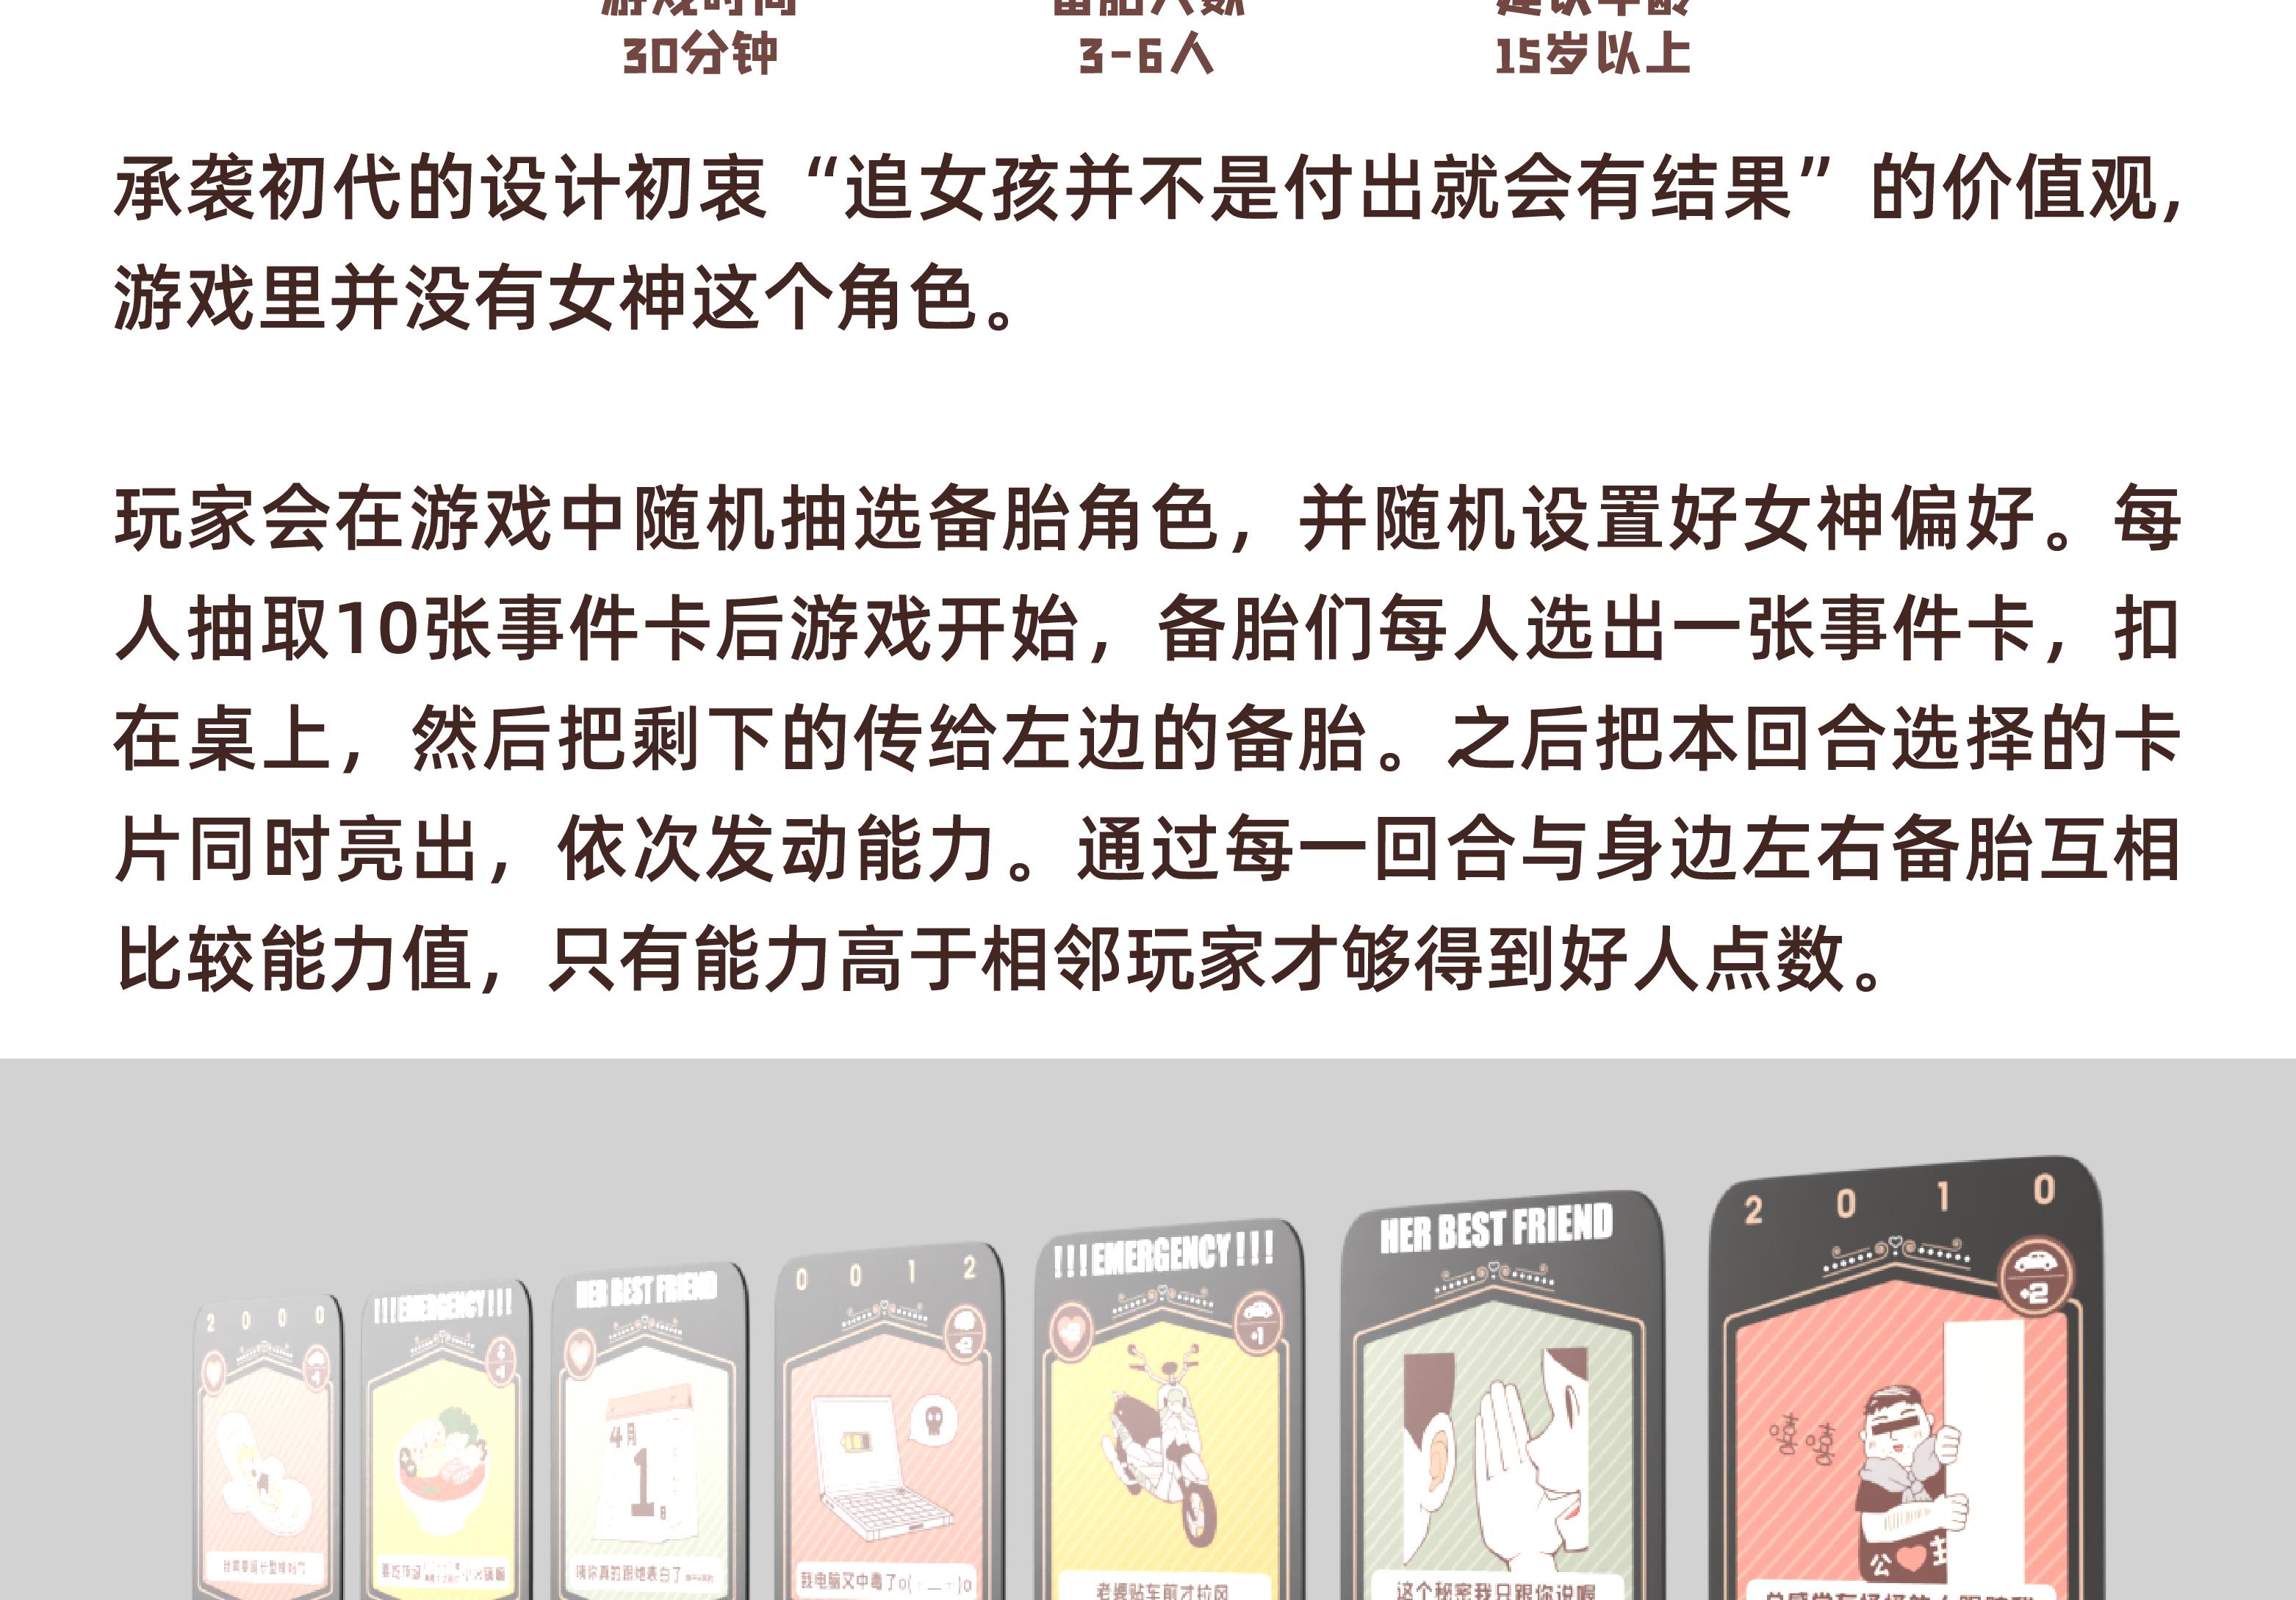 20190904-众筹封面-详情_画板-1_11.jpg